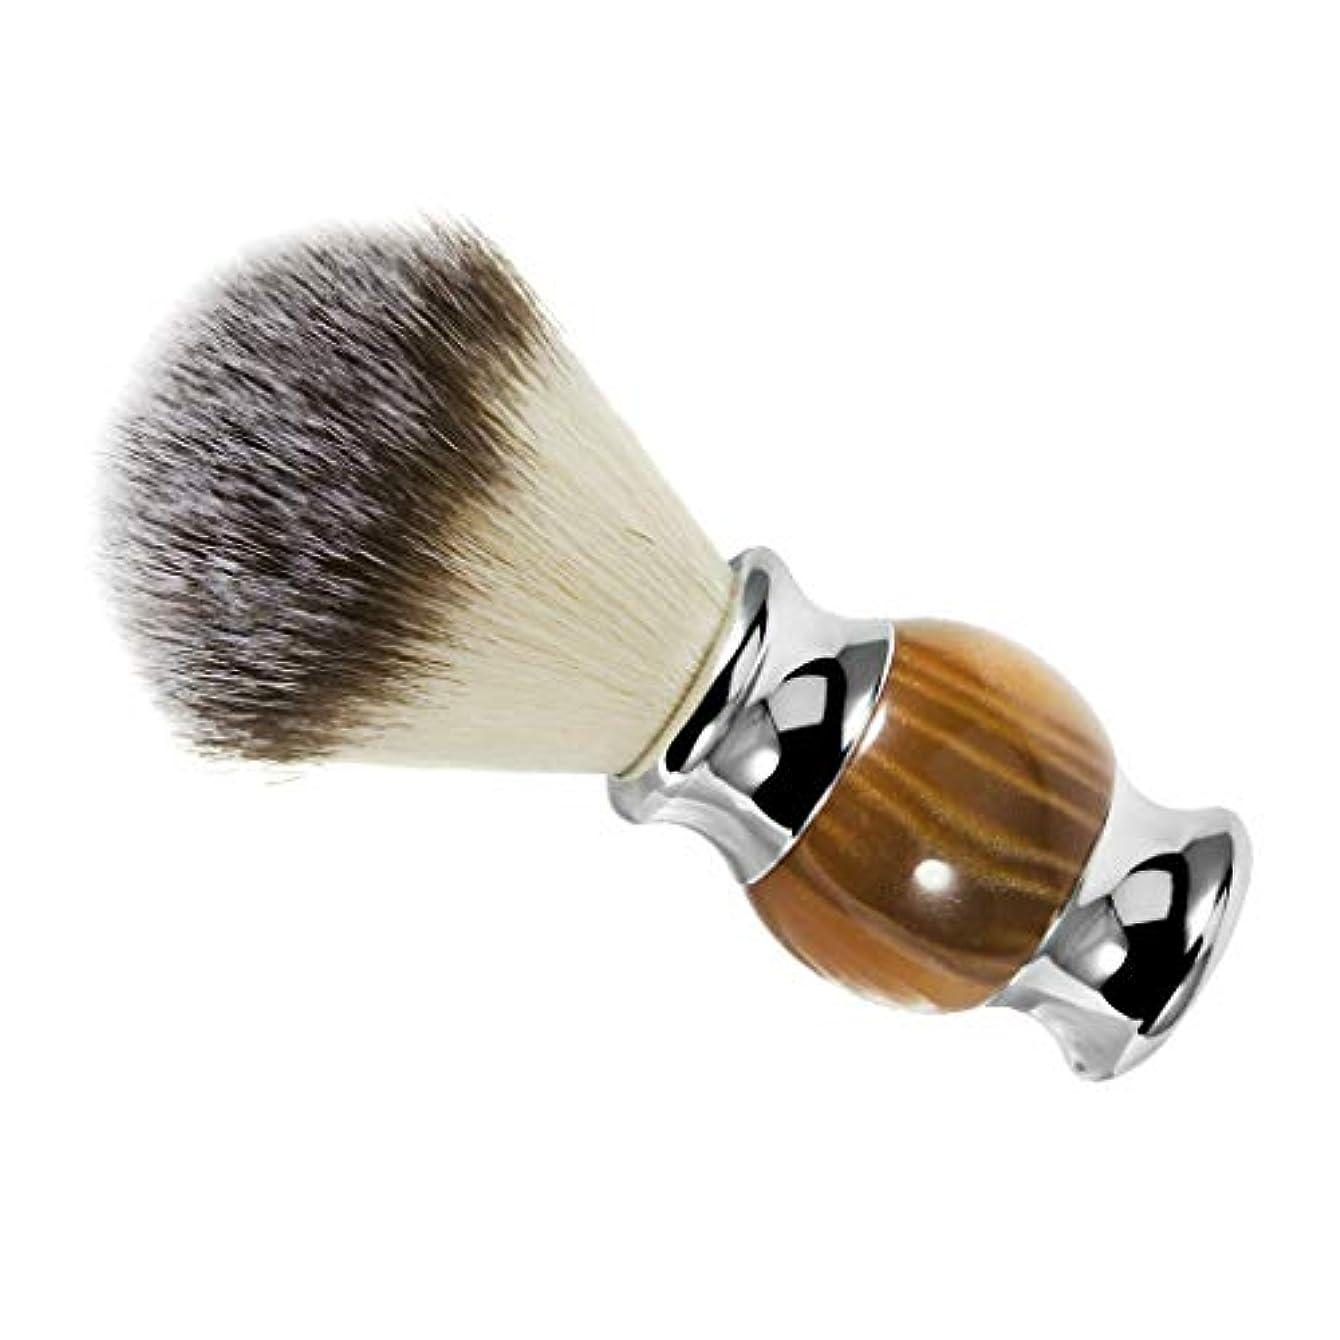 物語豊かにする夜間シェービングブラシ メンズ ひげ剃りブラシ ひげ剃り 髭剃り 父の日ギフト サロンツール